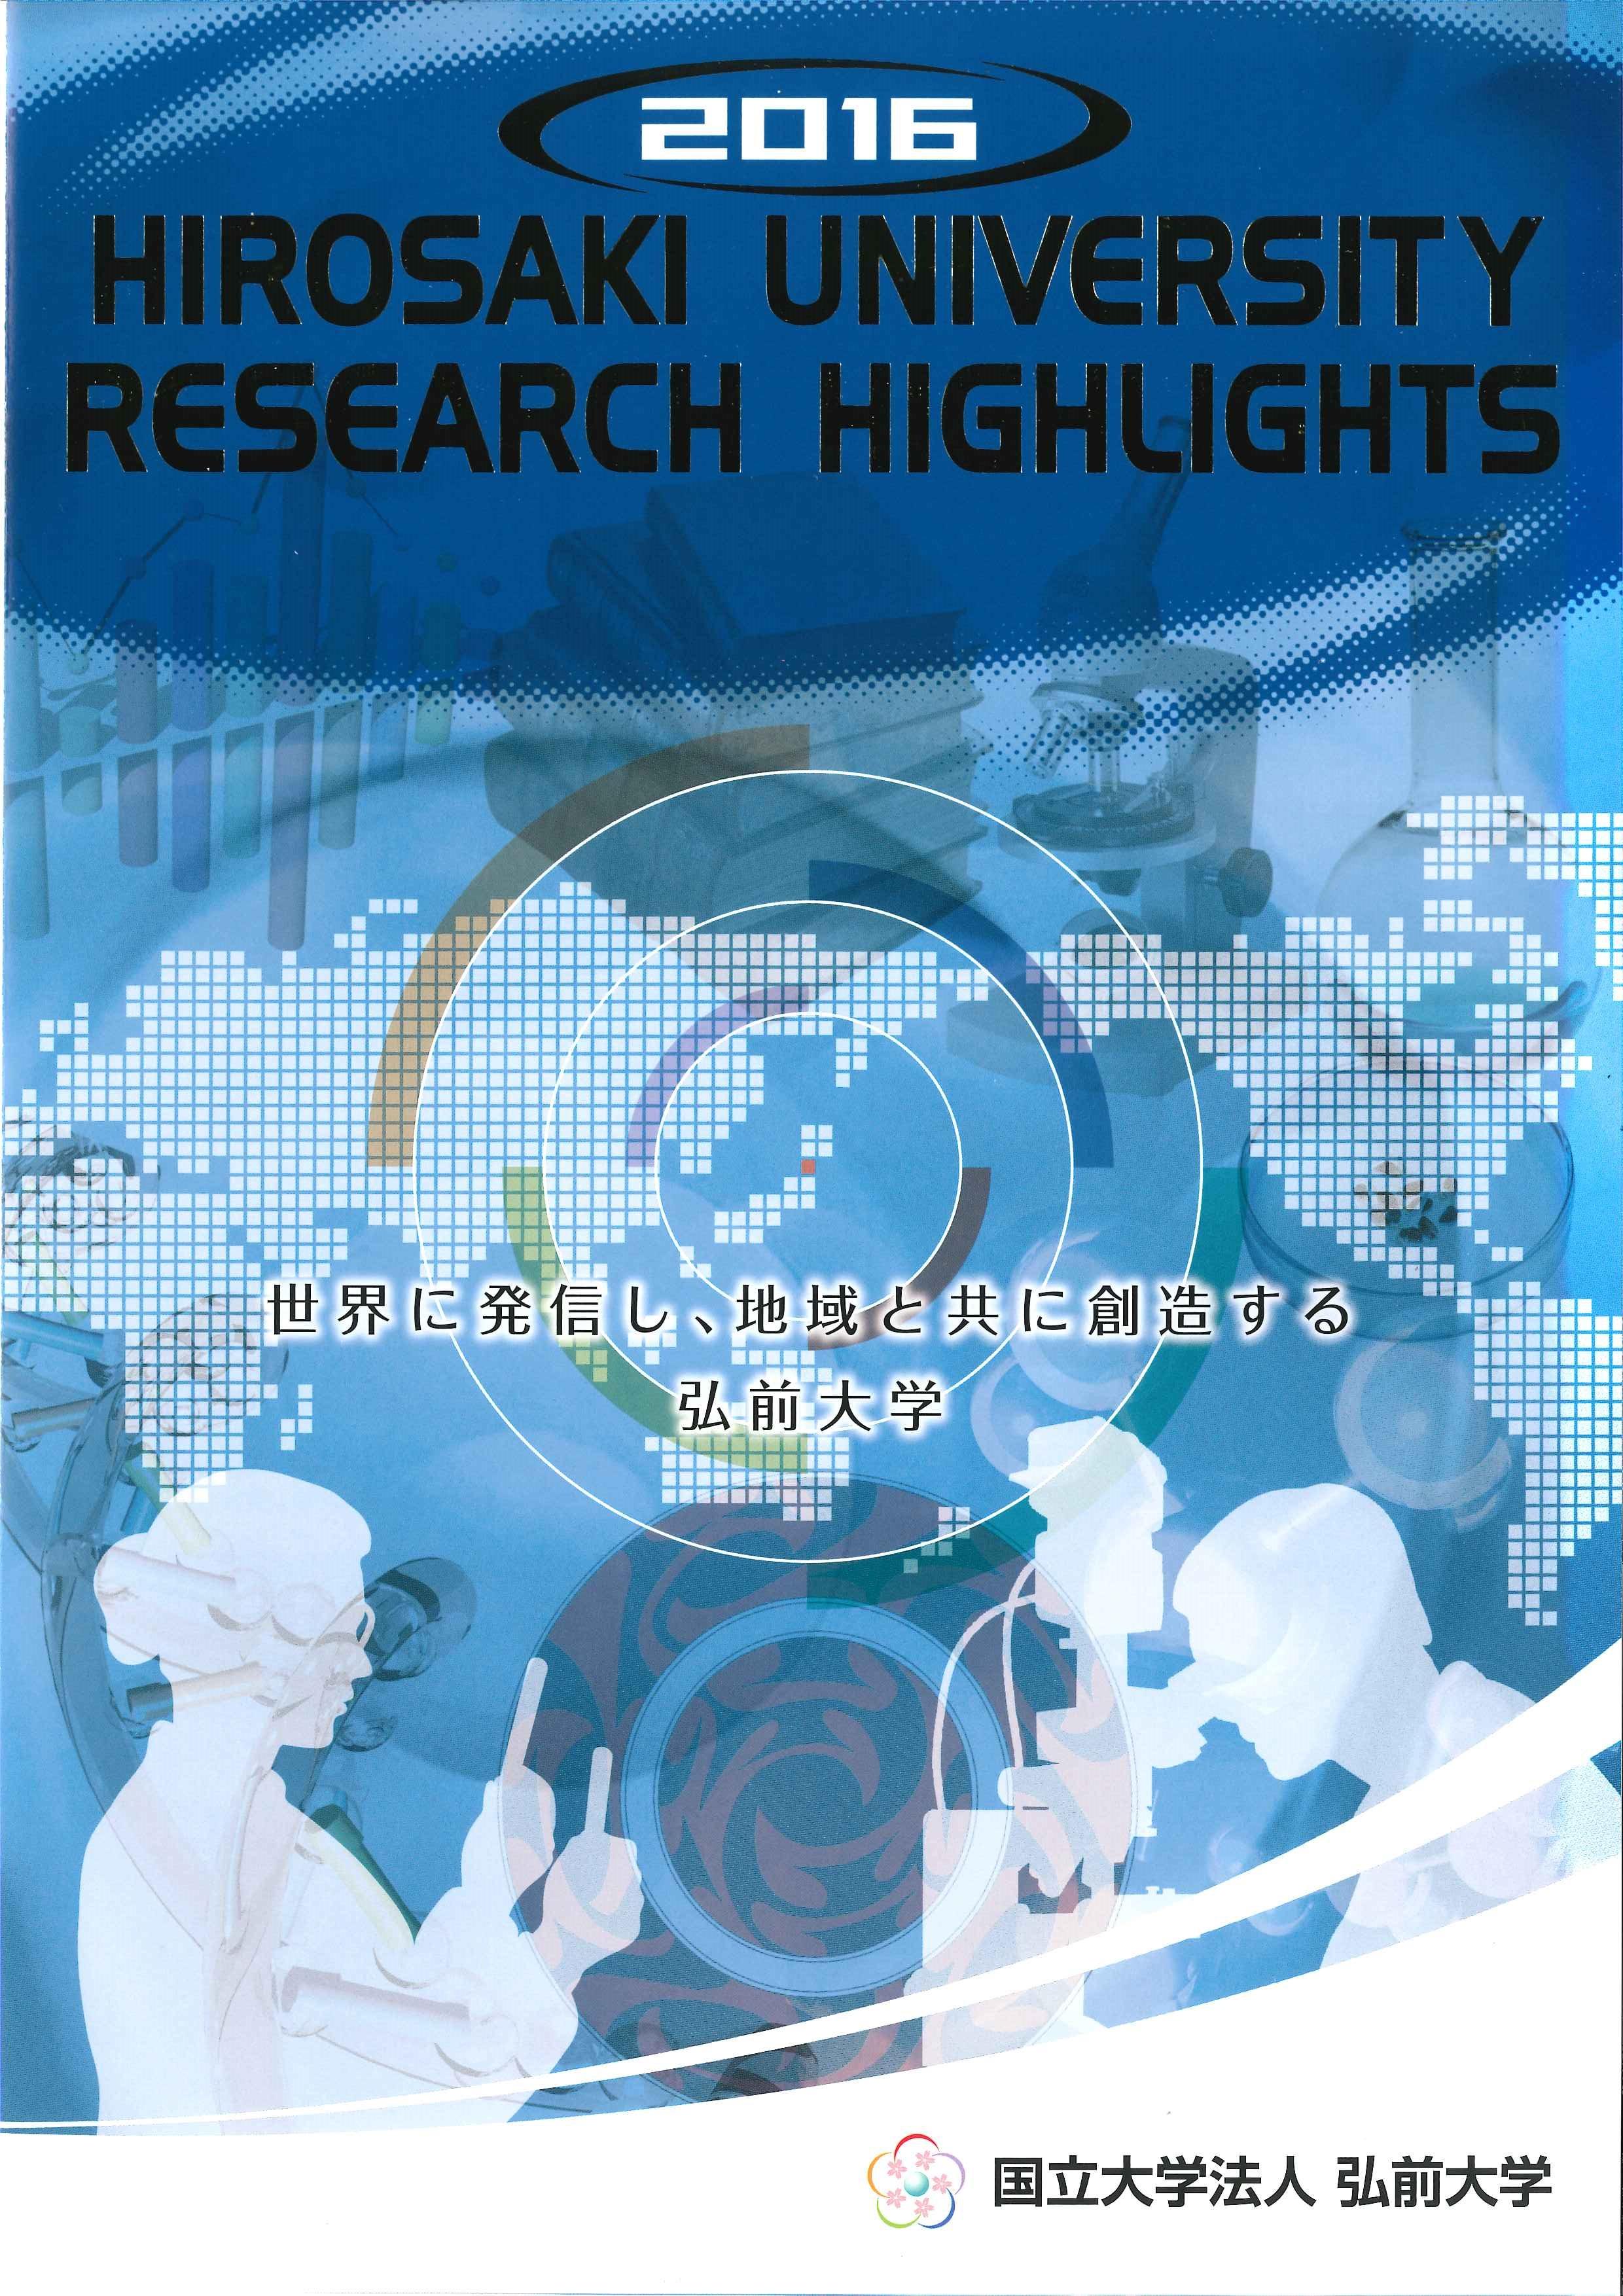 2015年度版 研究成果公開パンフレット - 日本語